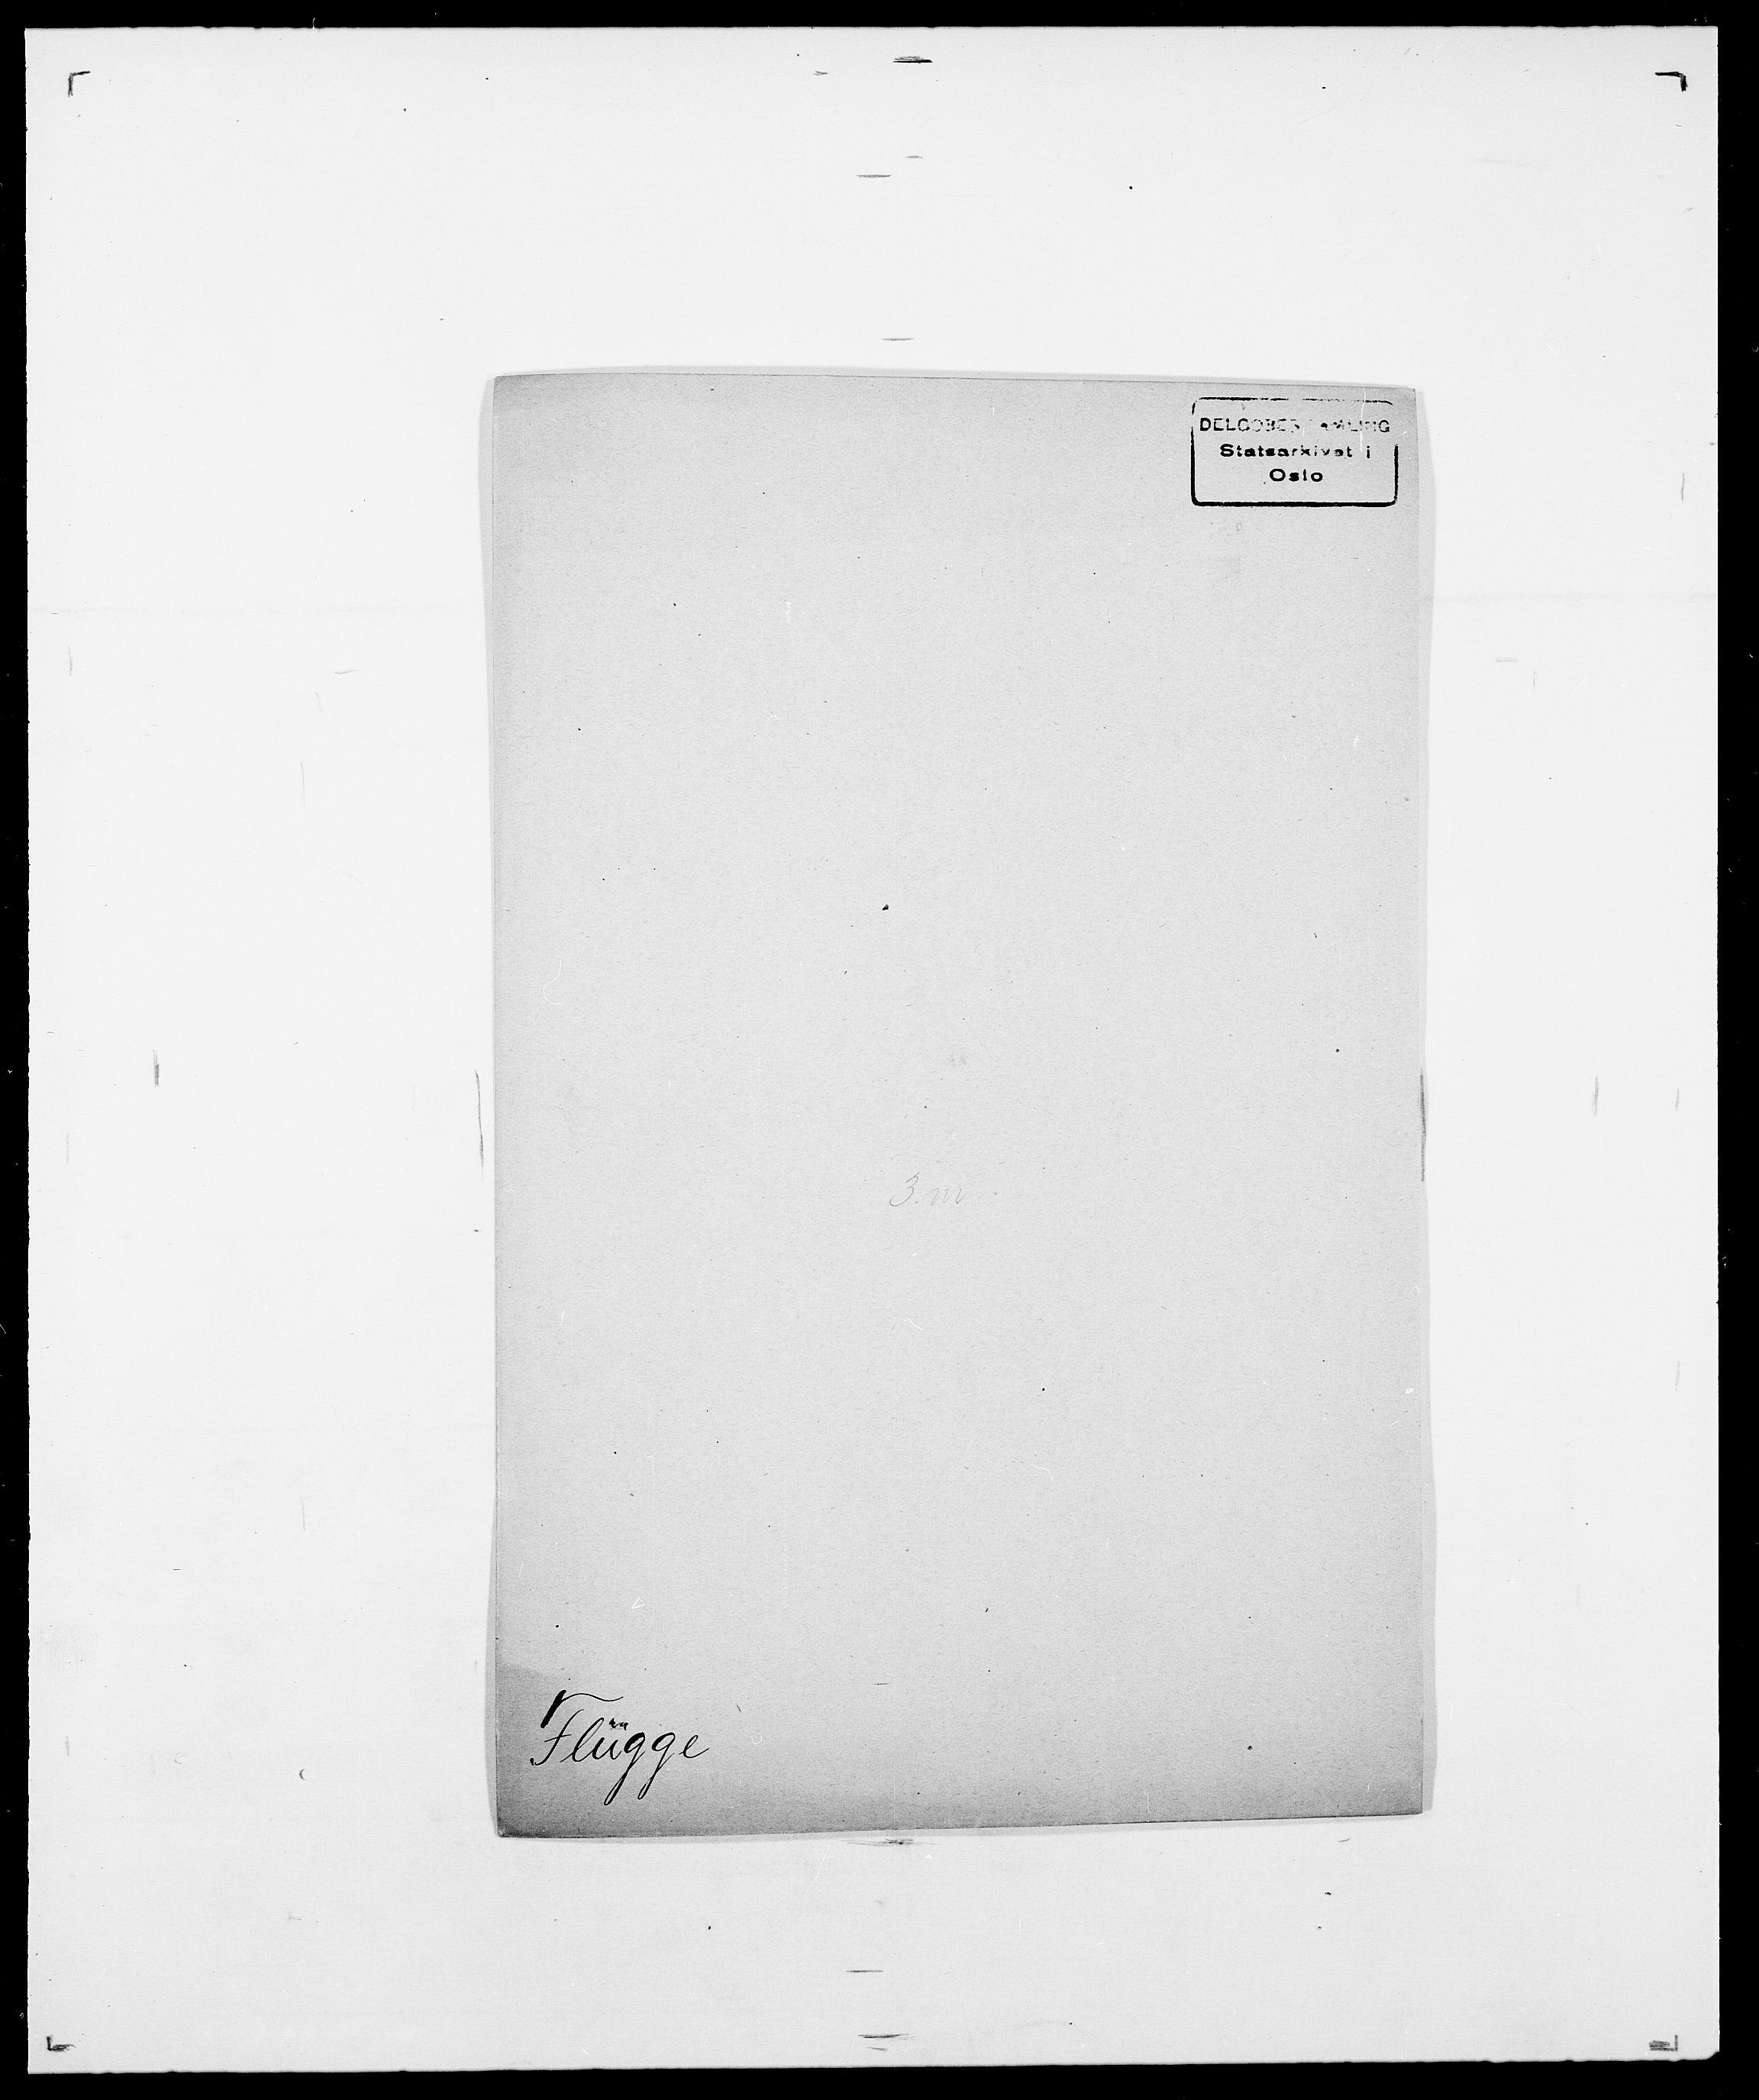 SAO, Delgobe, Charles Antoine - samling, D/Da/L0012: Flor, Floer, Flohr - Fritzner, s. 493